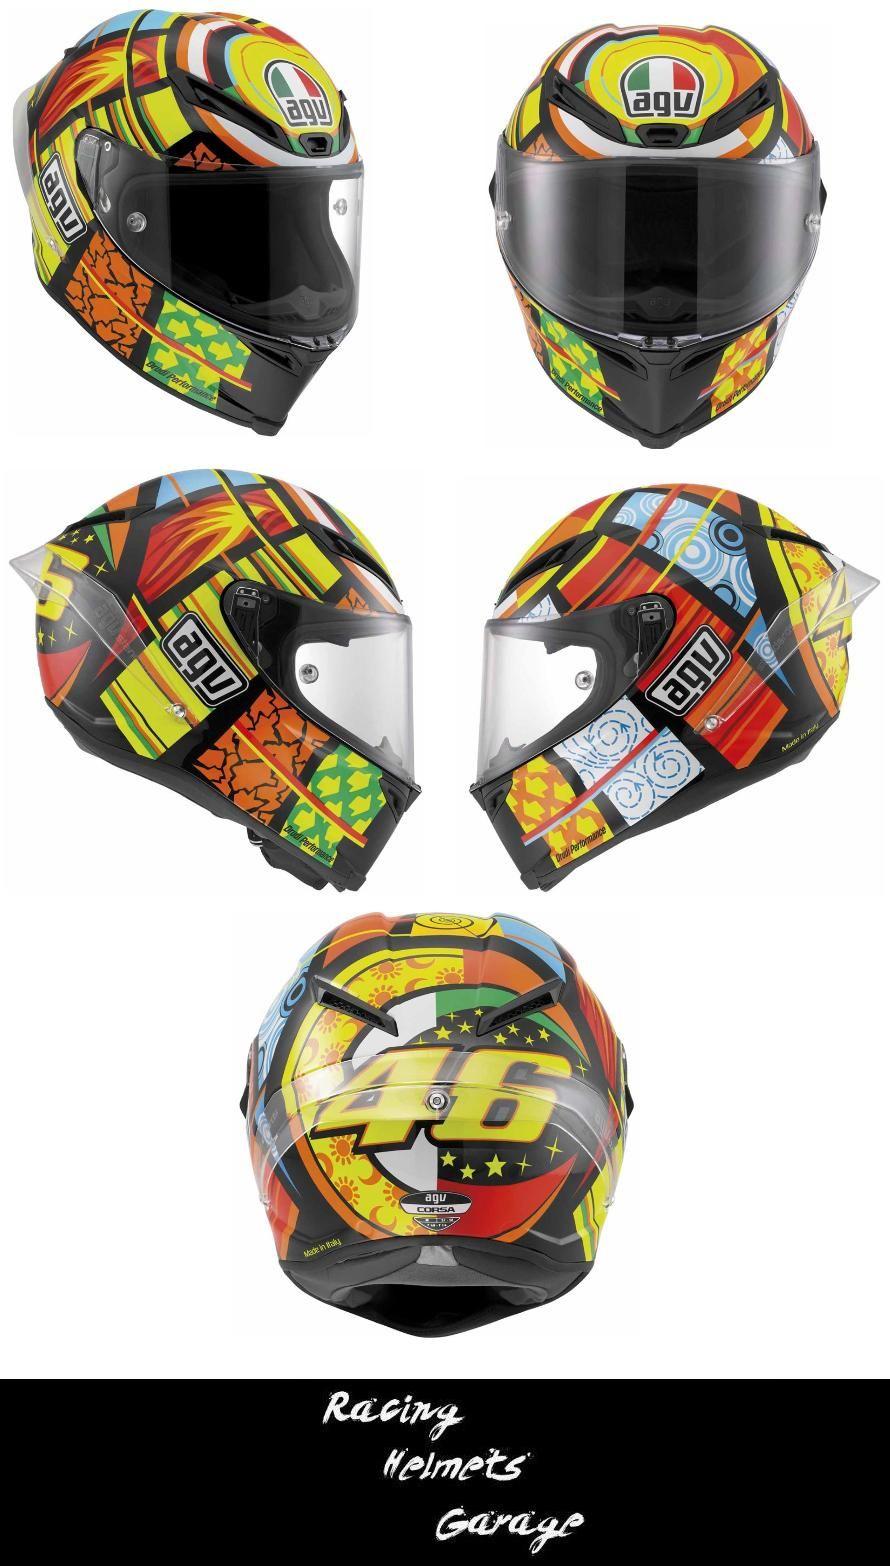 10 Ide Helmet Design Pelangi Seni Gambar